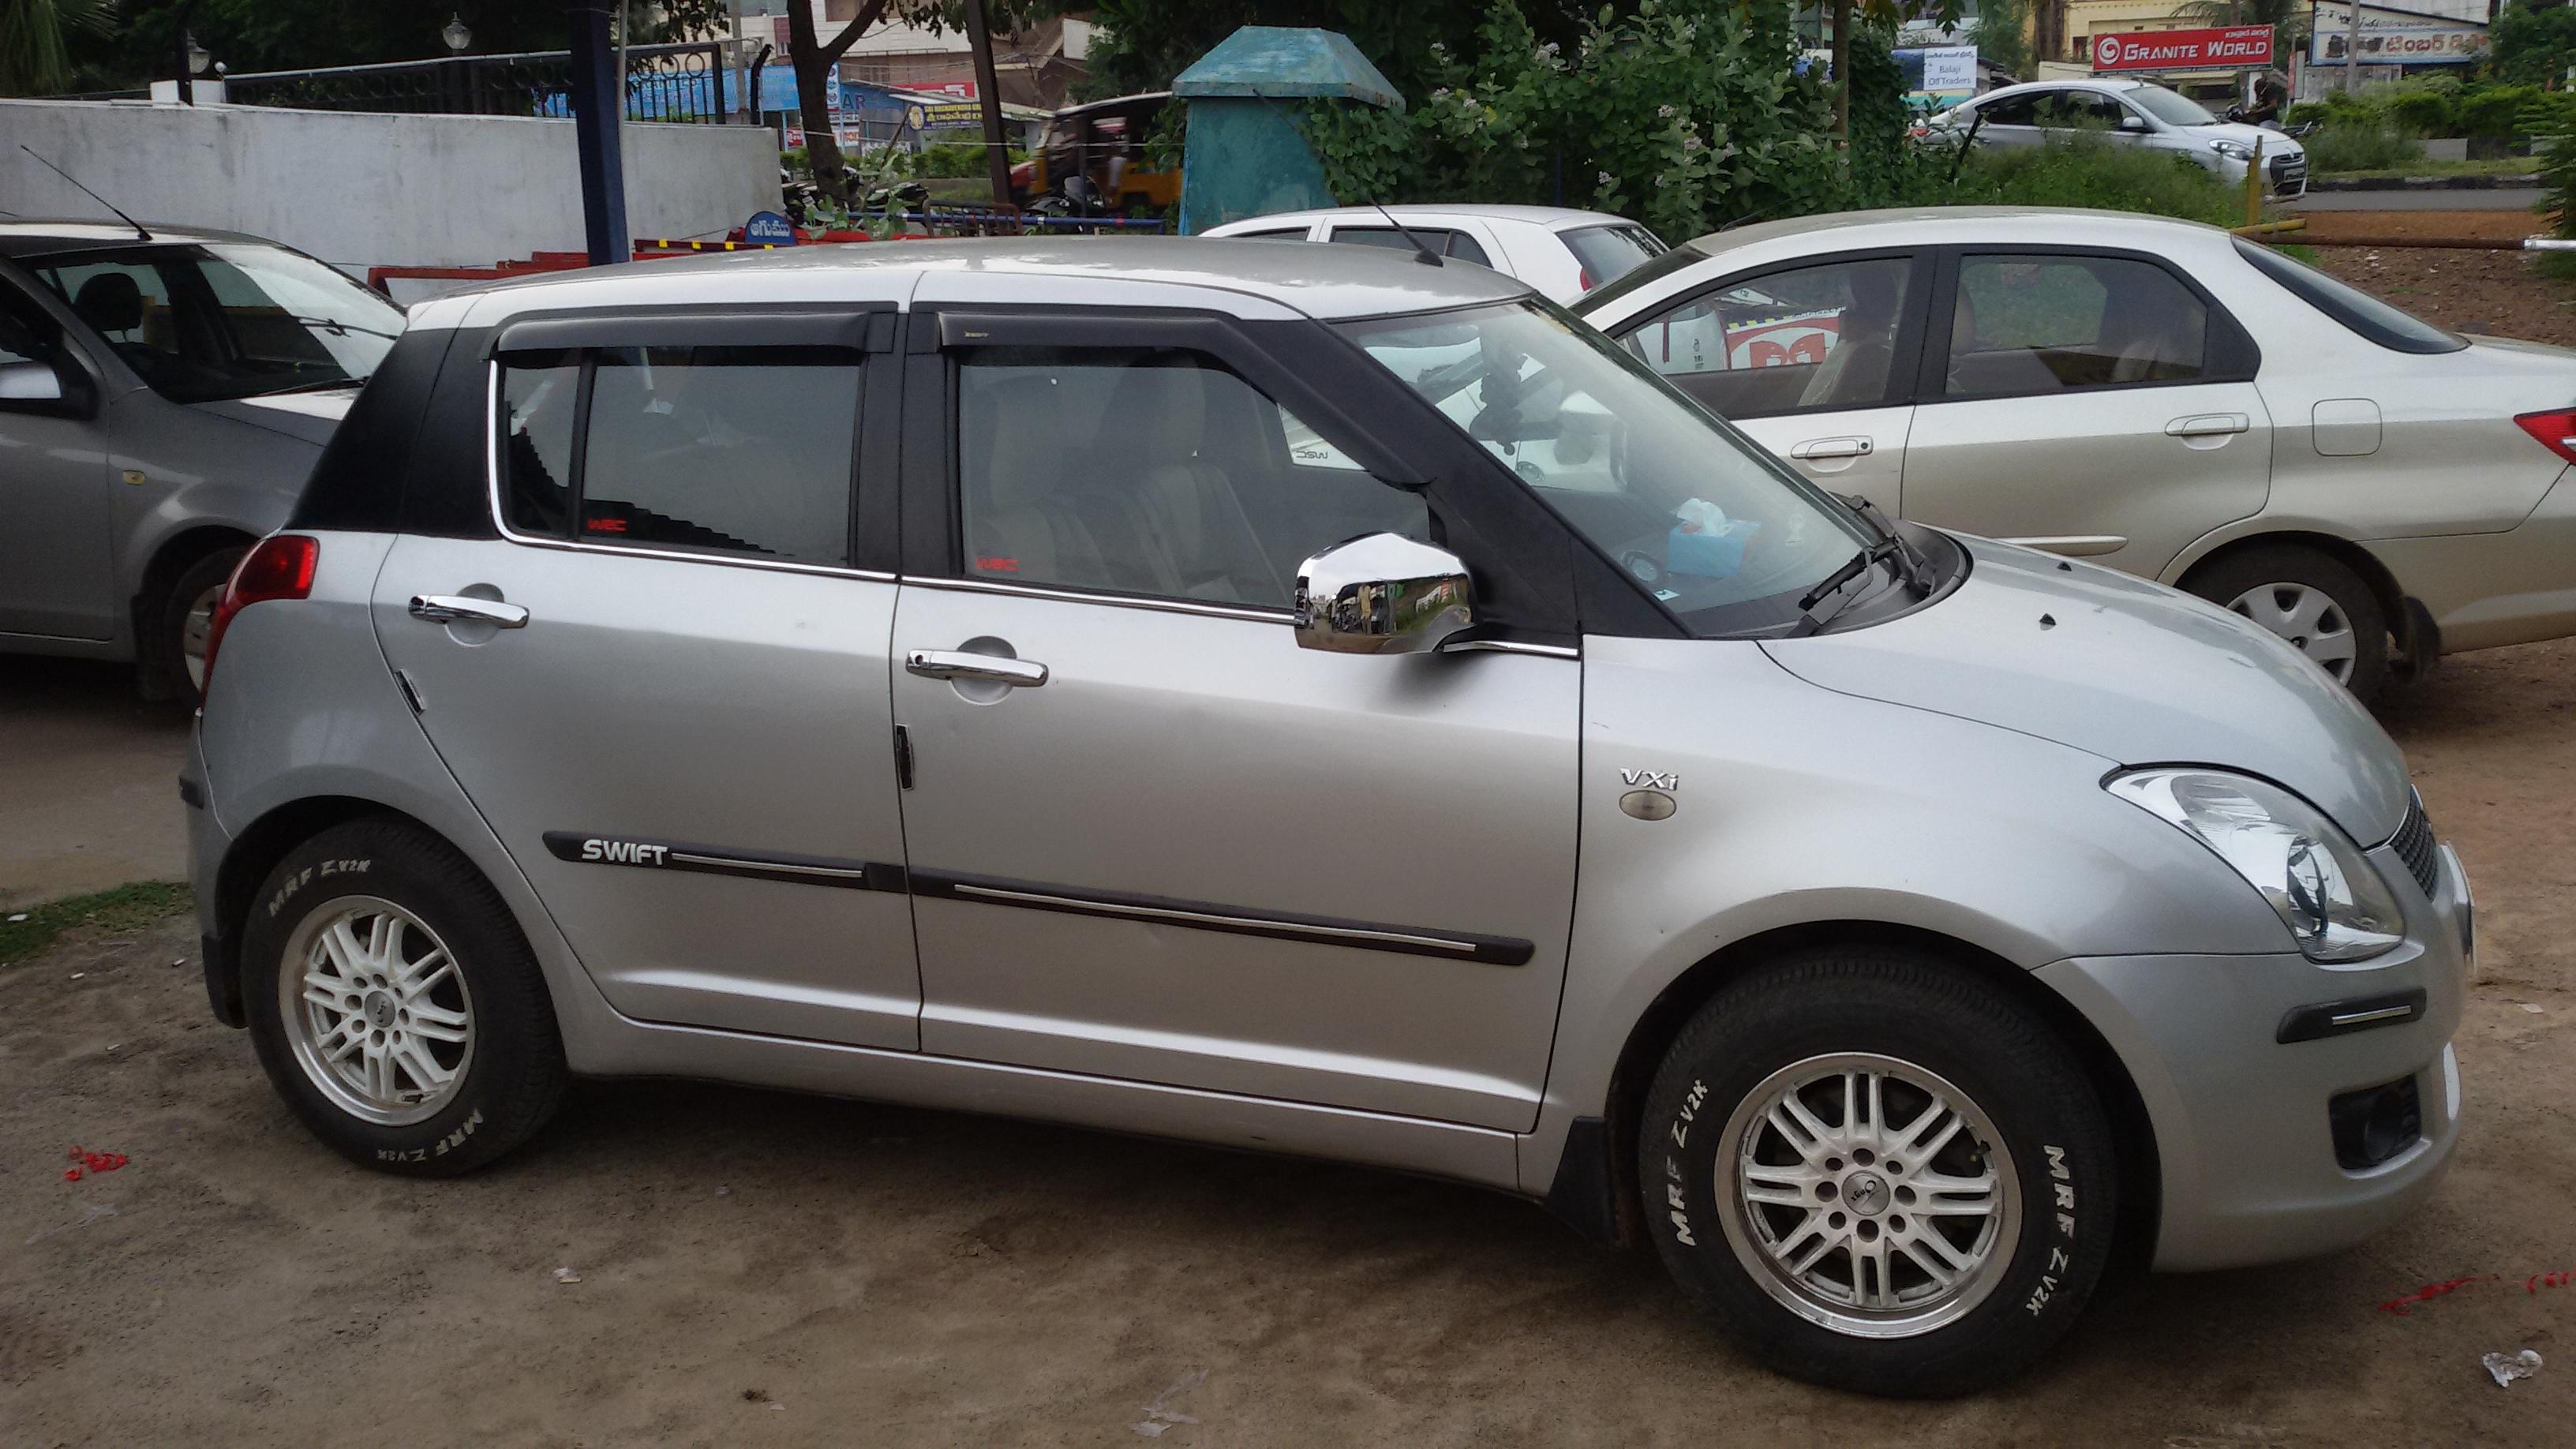 Used Car Dealerships In Bayshore Ny